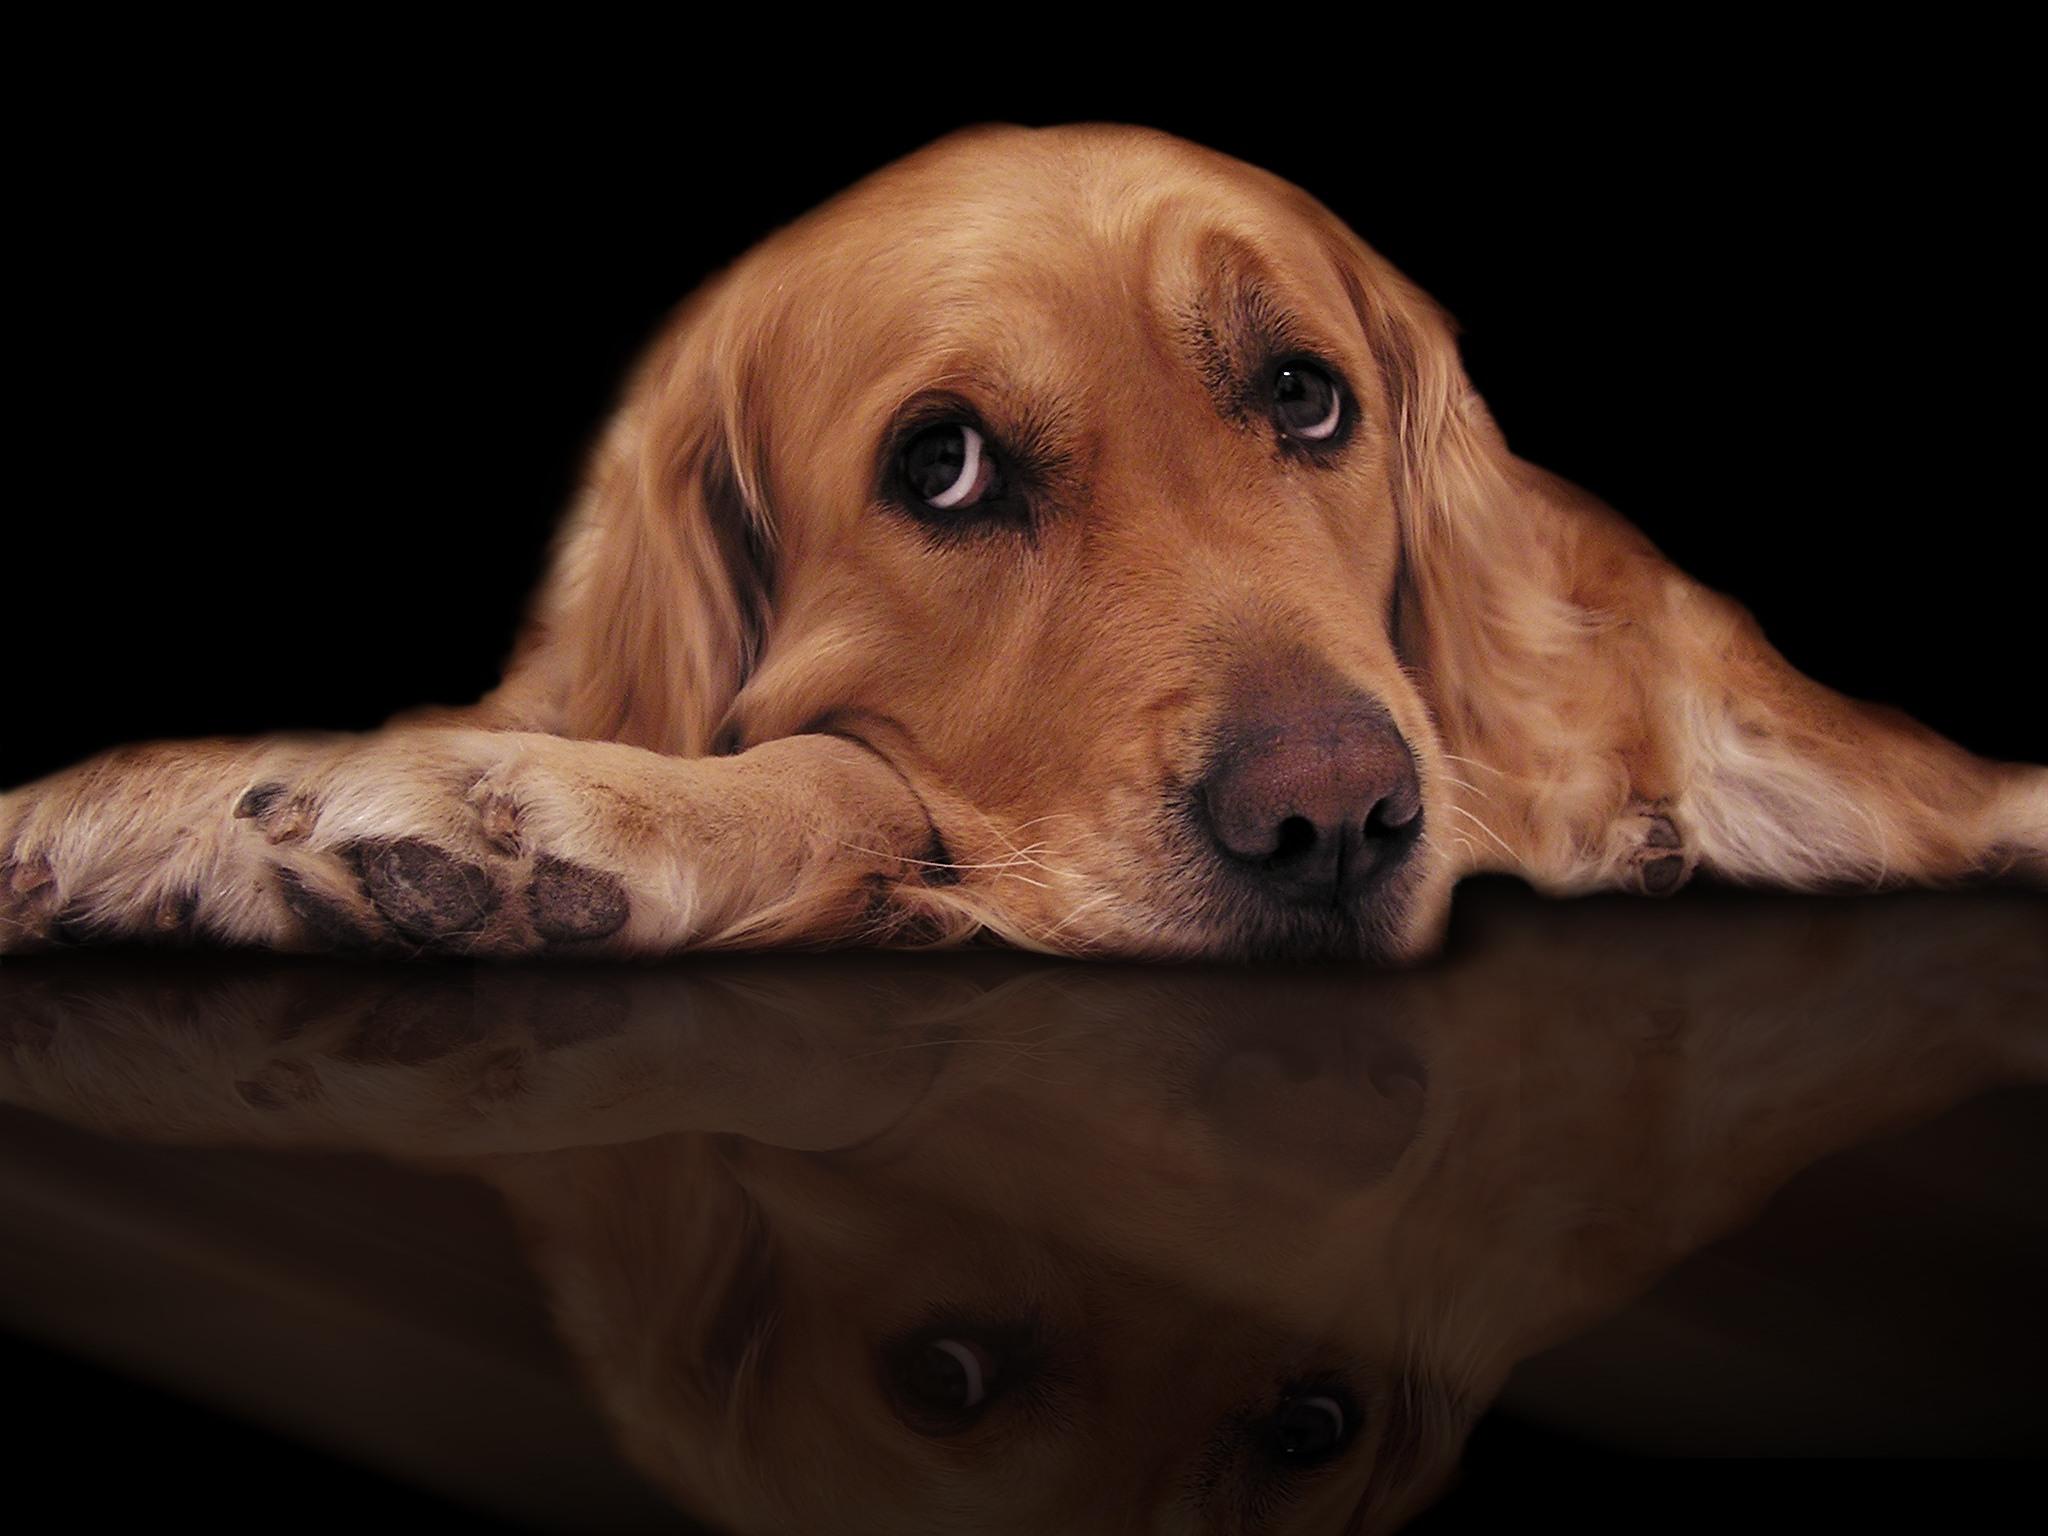 Mon chien s'ennuie : À L'AIDE!